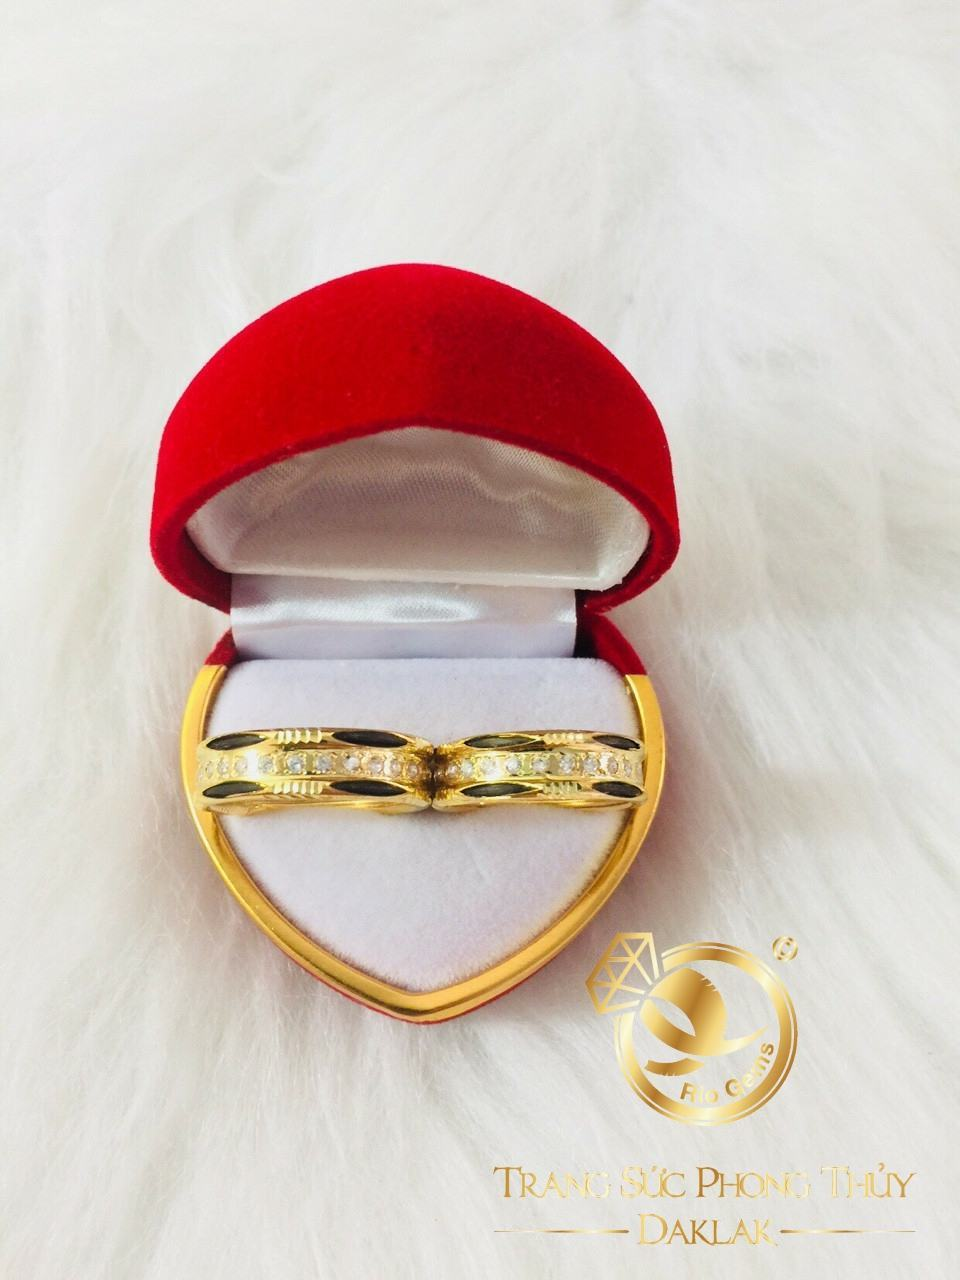 Nhẫn 2 lông voi đính đá tấm phong thủy RIOGEMs - Lựa chọn hoàn mỹ dành cho các cặp đôi